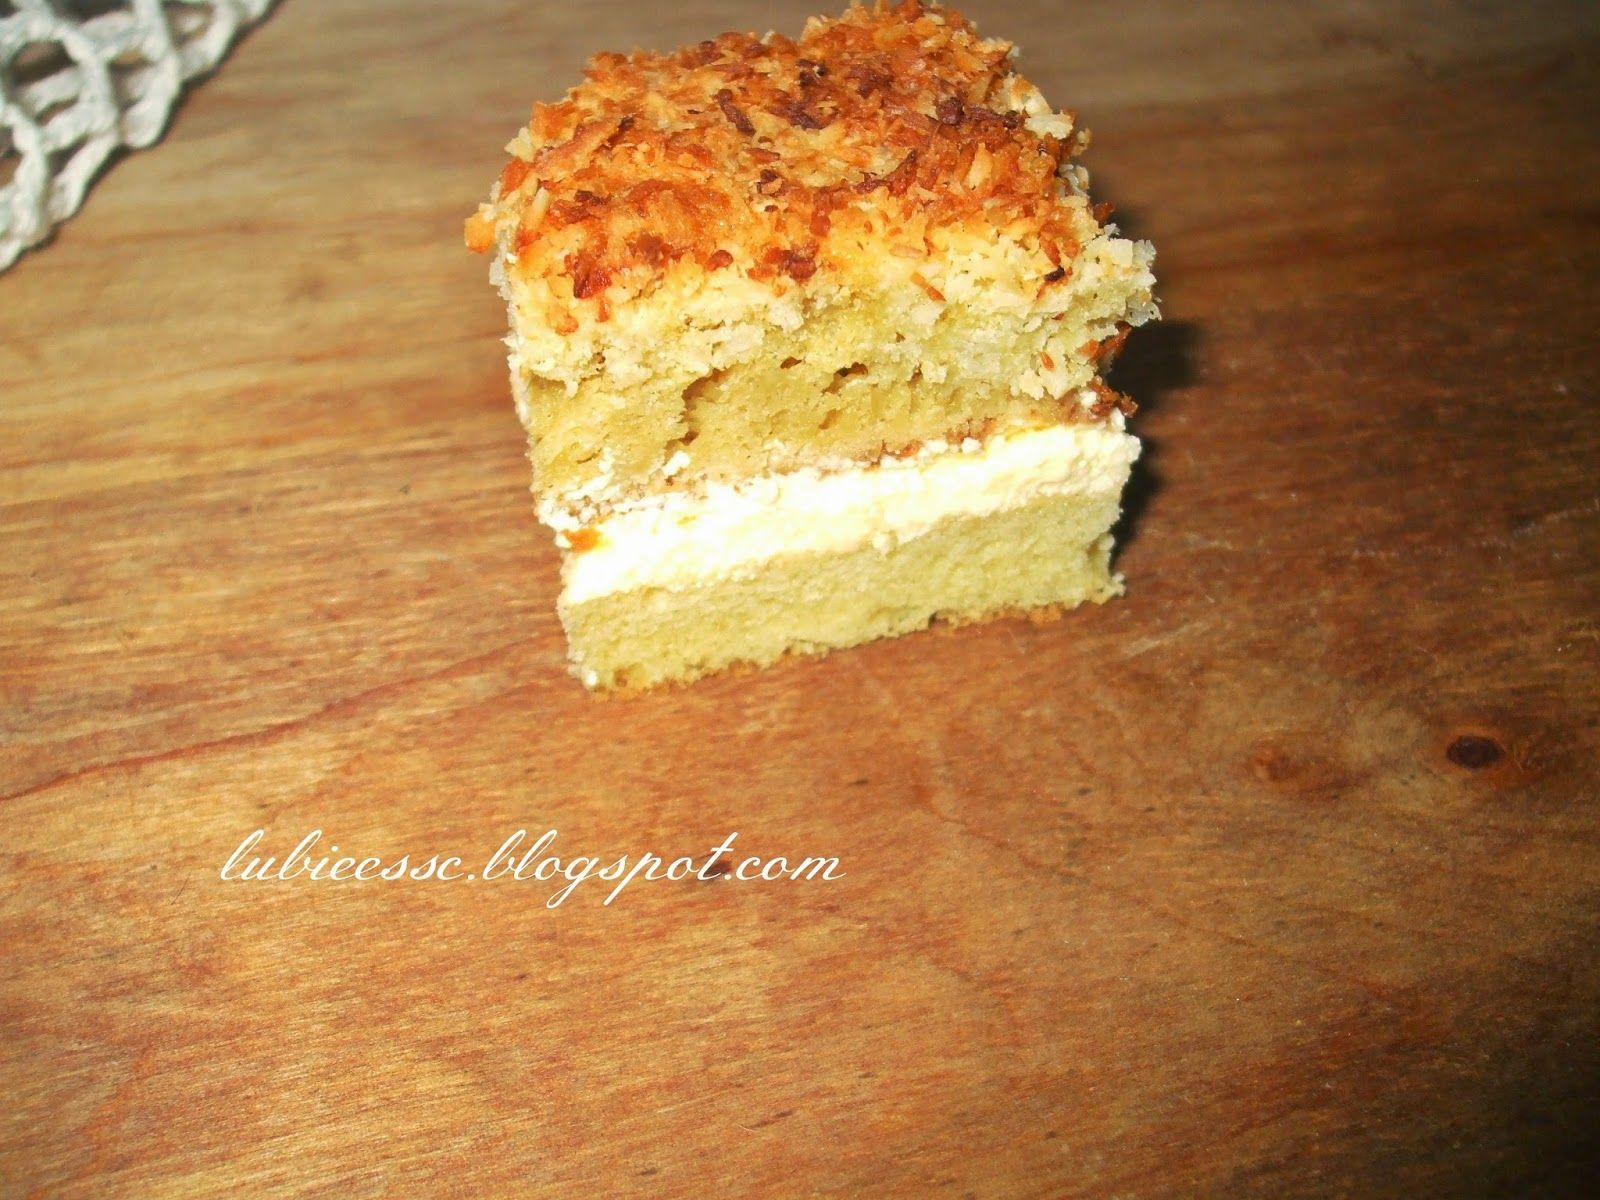 Pszczolka Wg Siostry Anastazji Pychotkaaa Food Krispie Treats Desserts